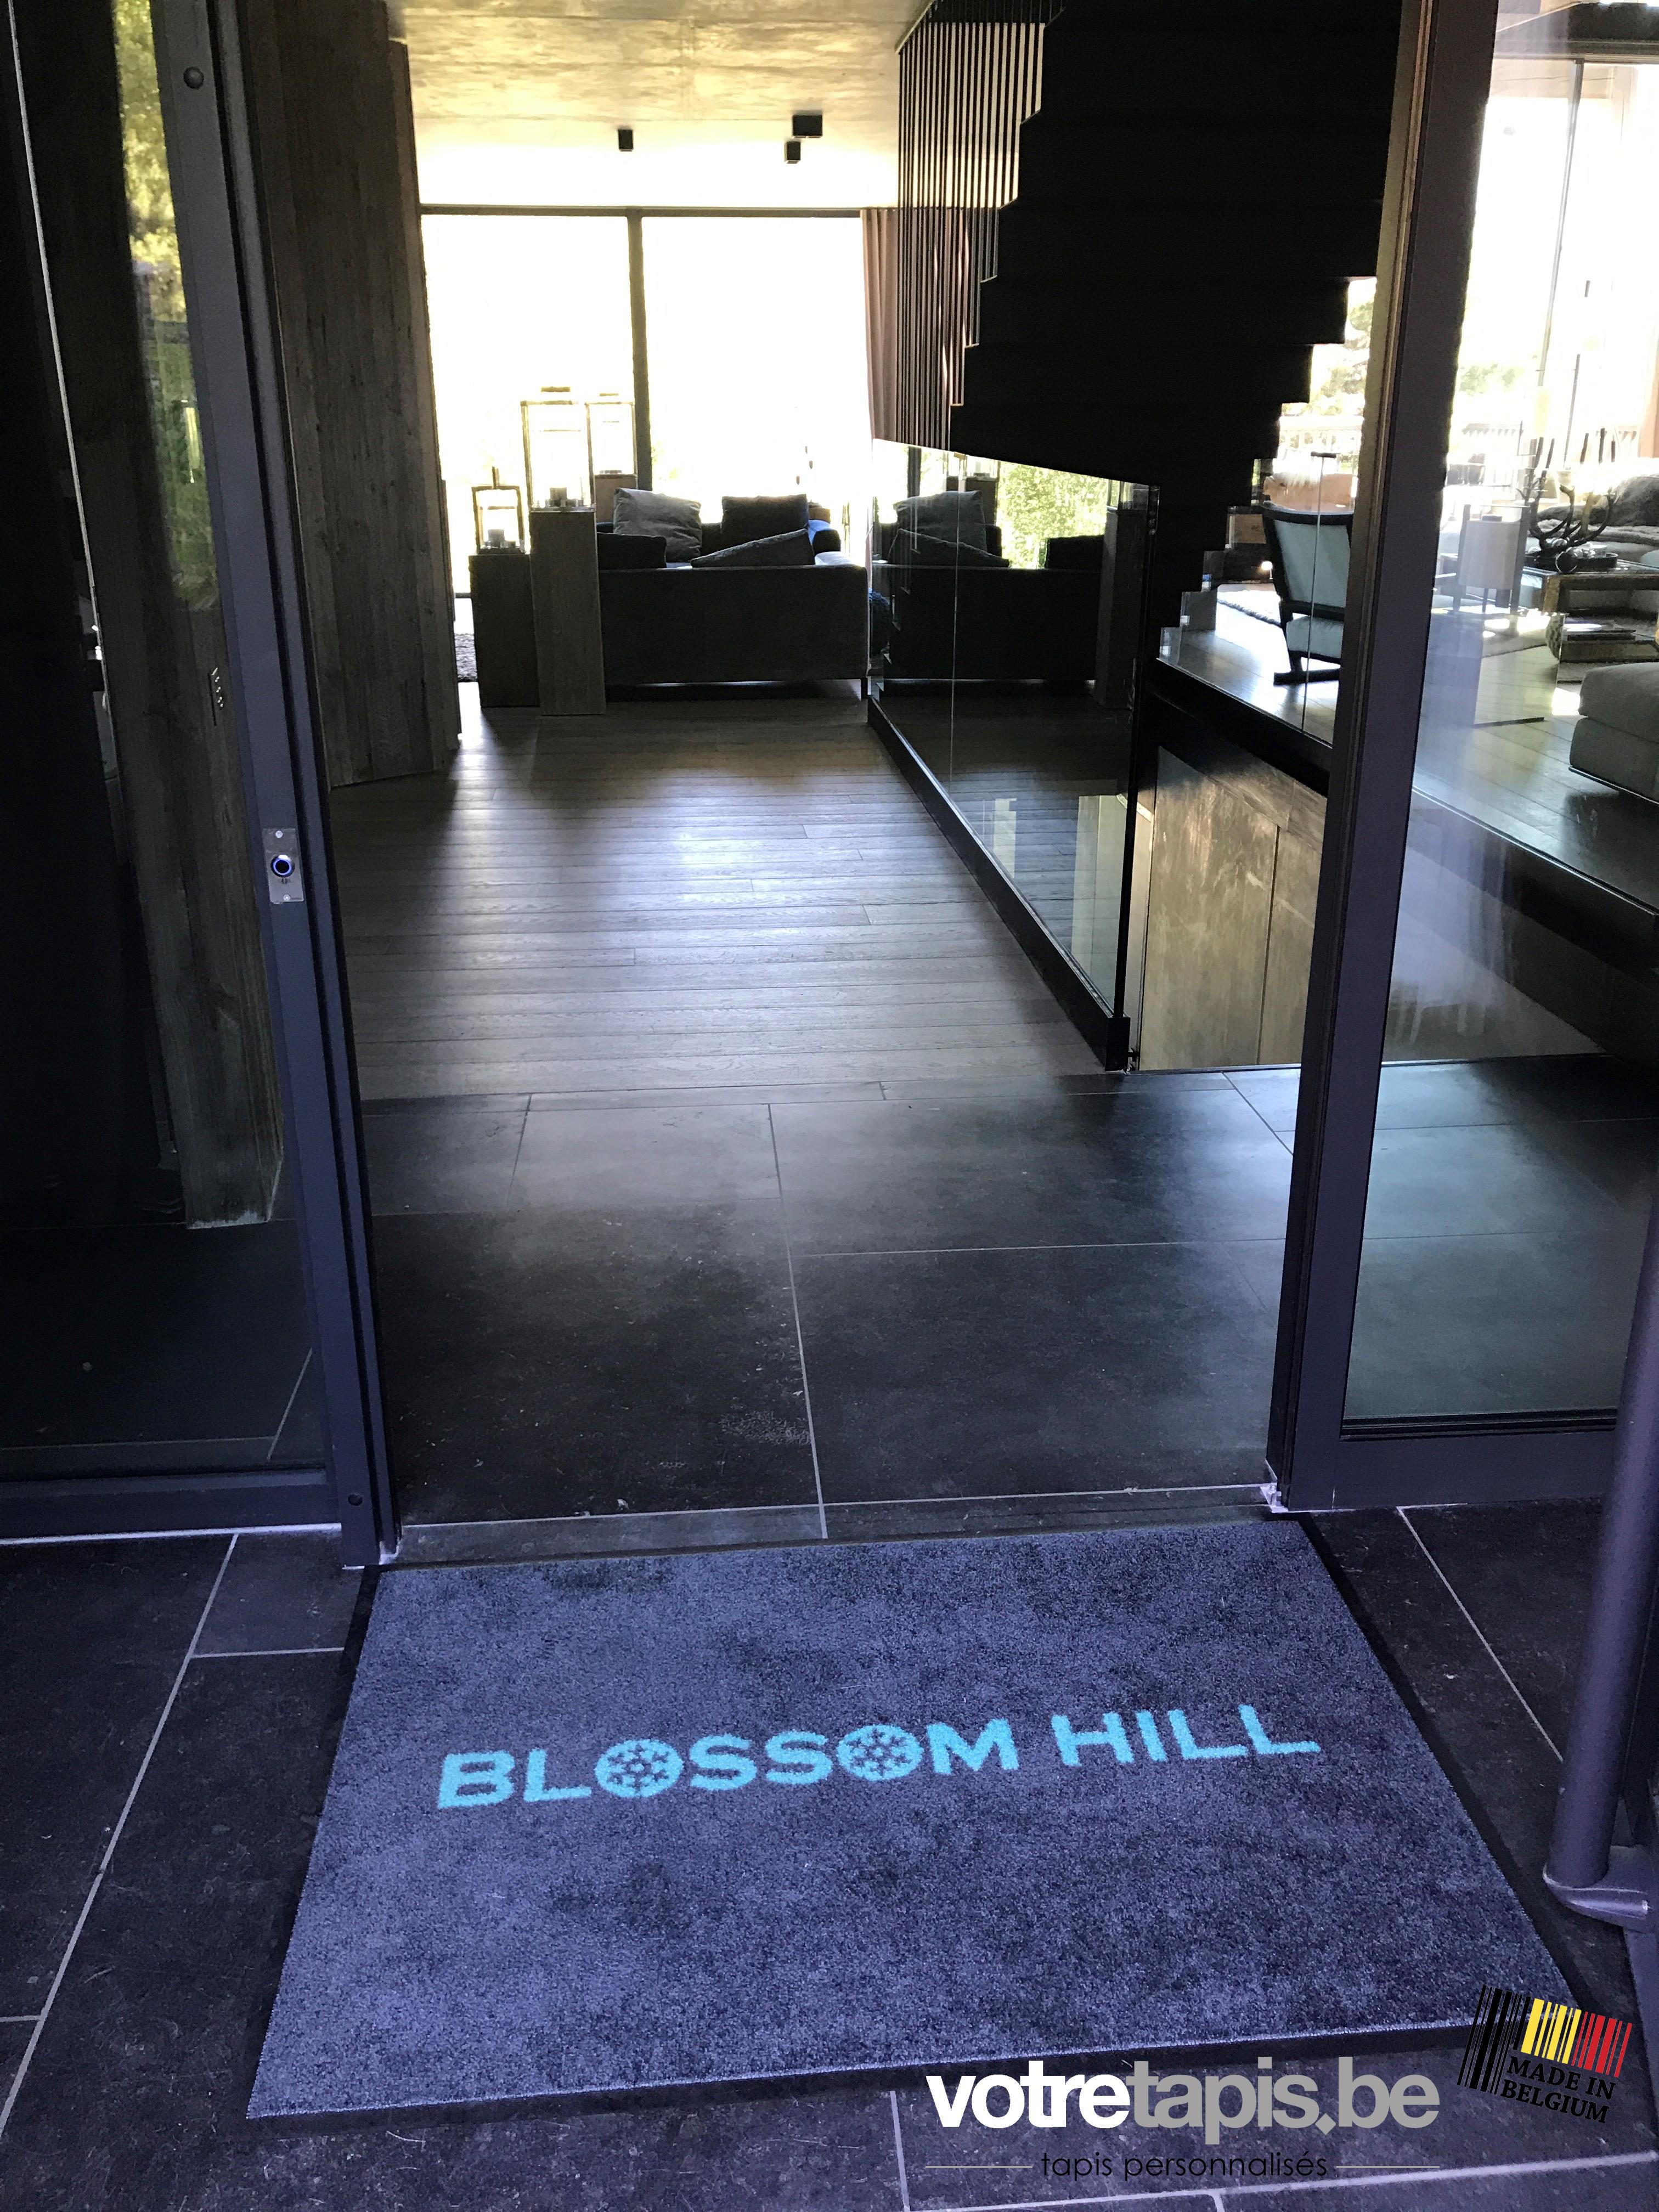 tapis personnalis de qualit pour chlet blossom hill - Tapis Personnalise